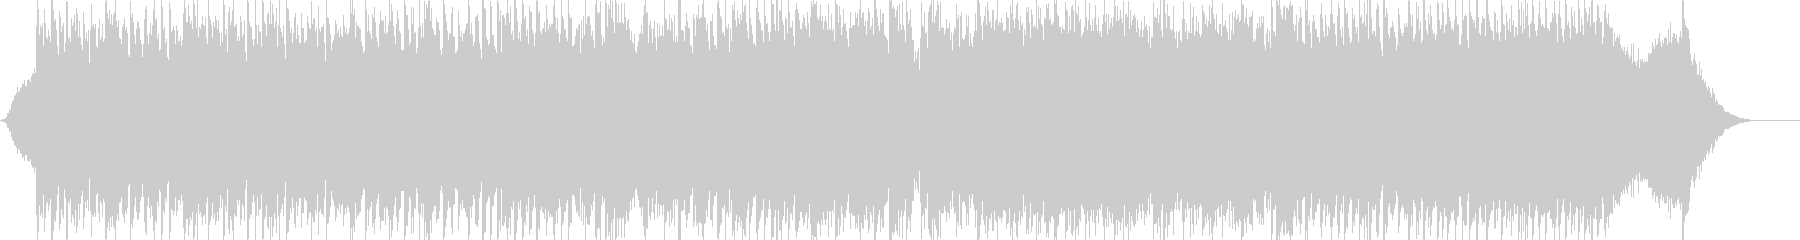 ダークファンタジーオーケストラ戦闘曲49の未再生の波形